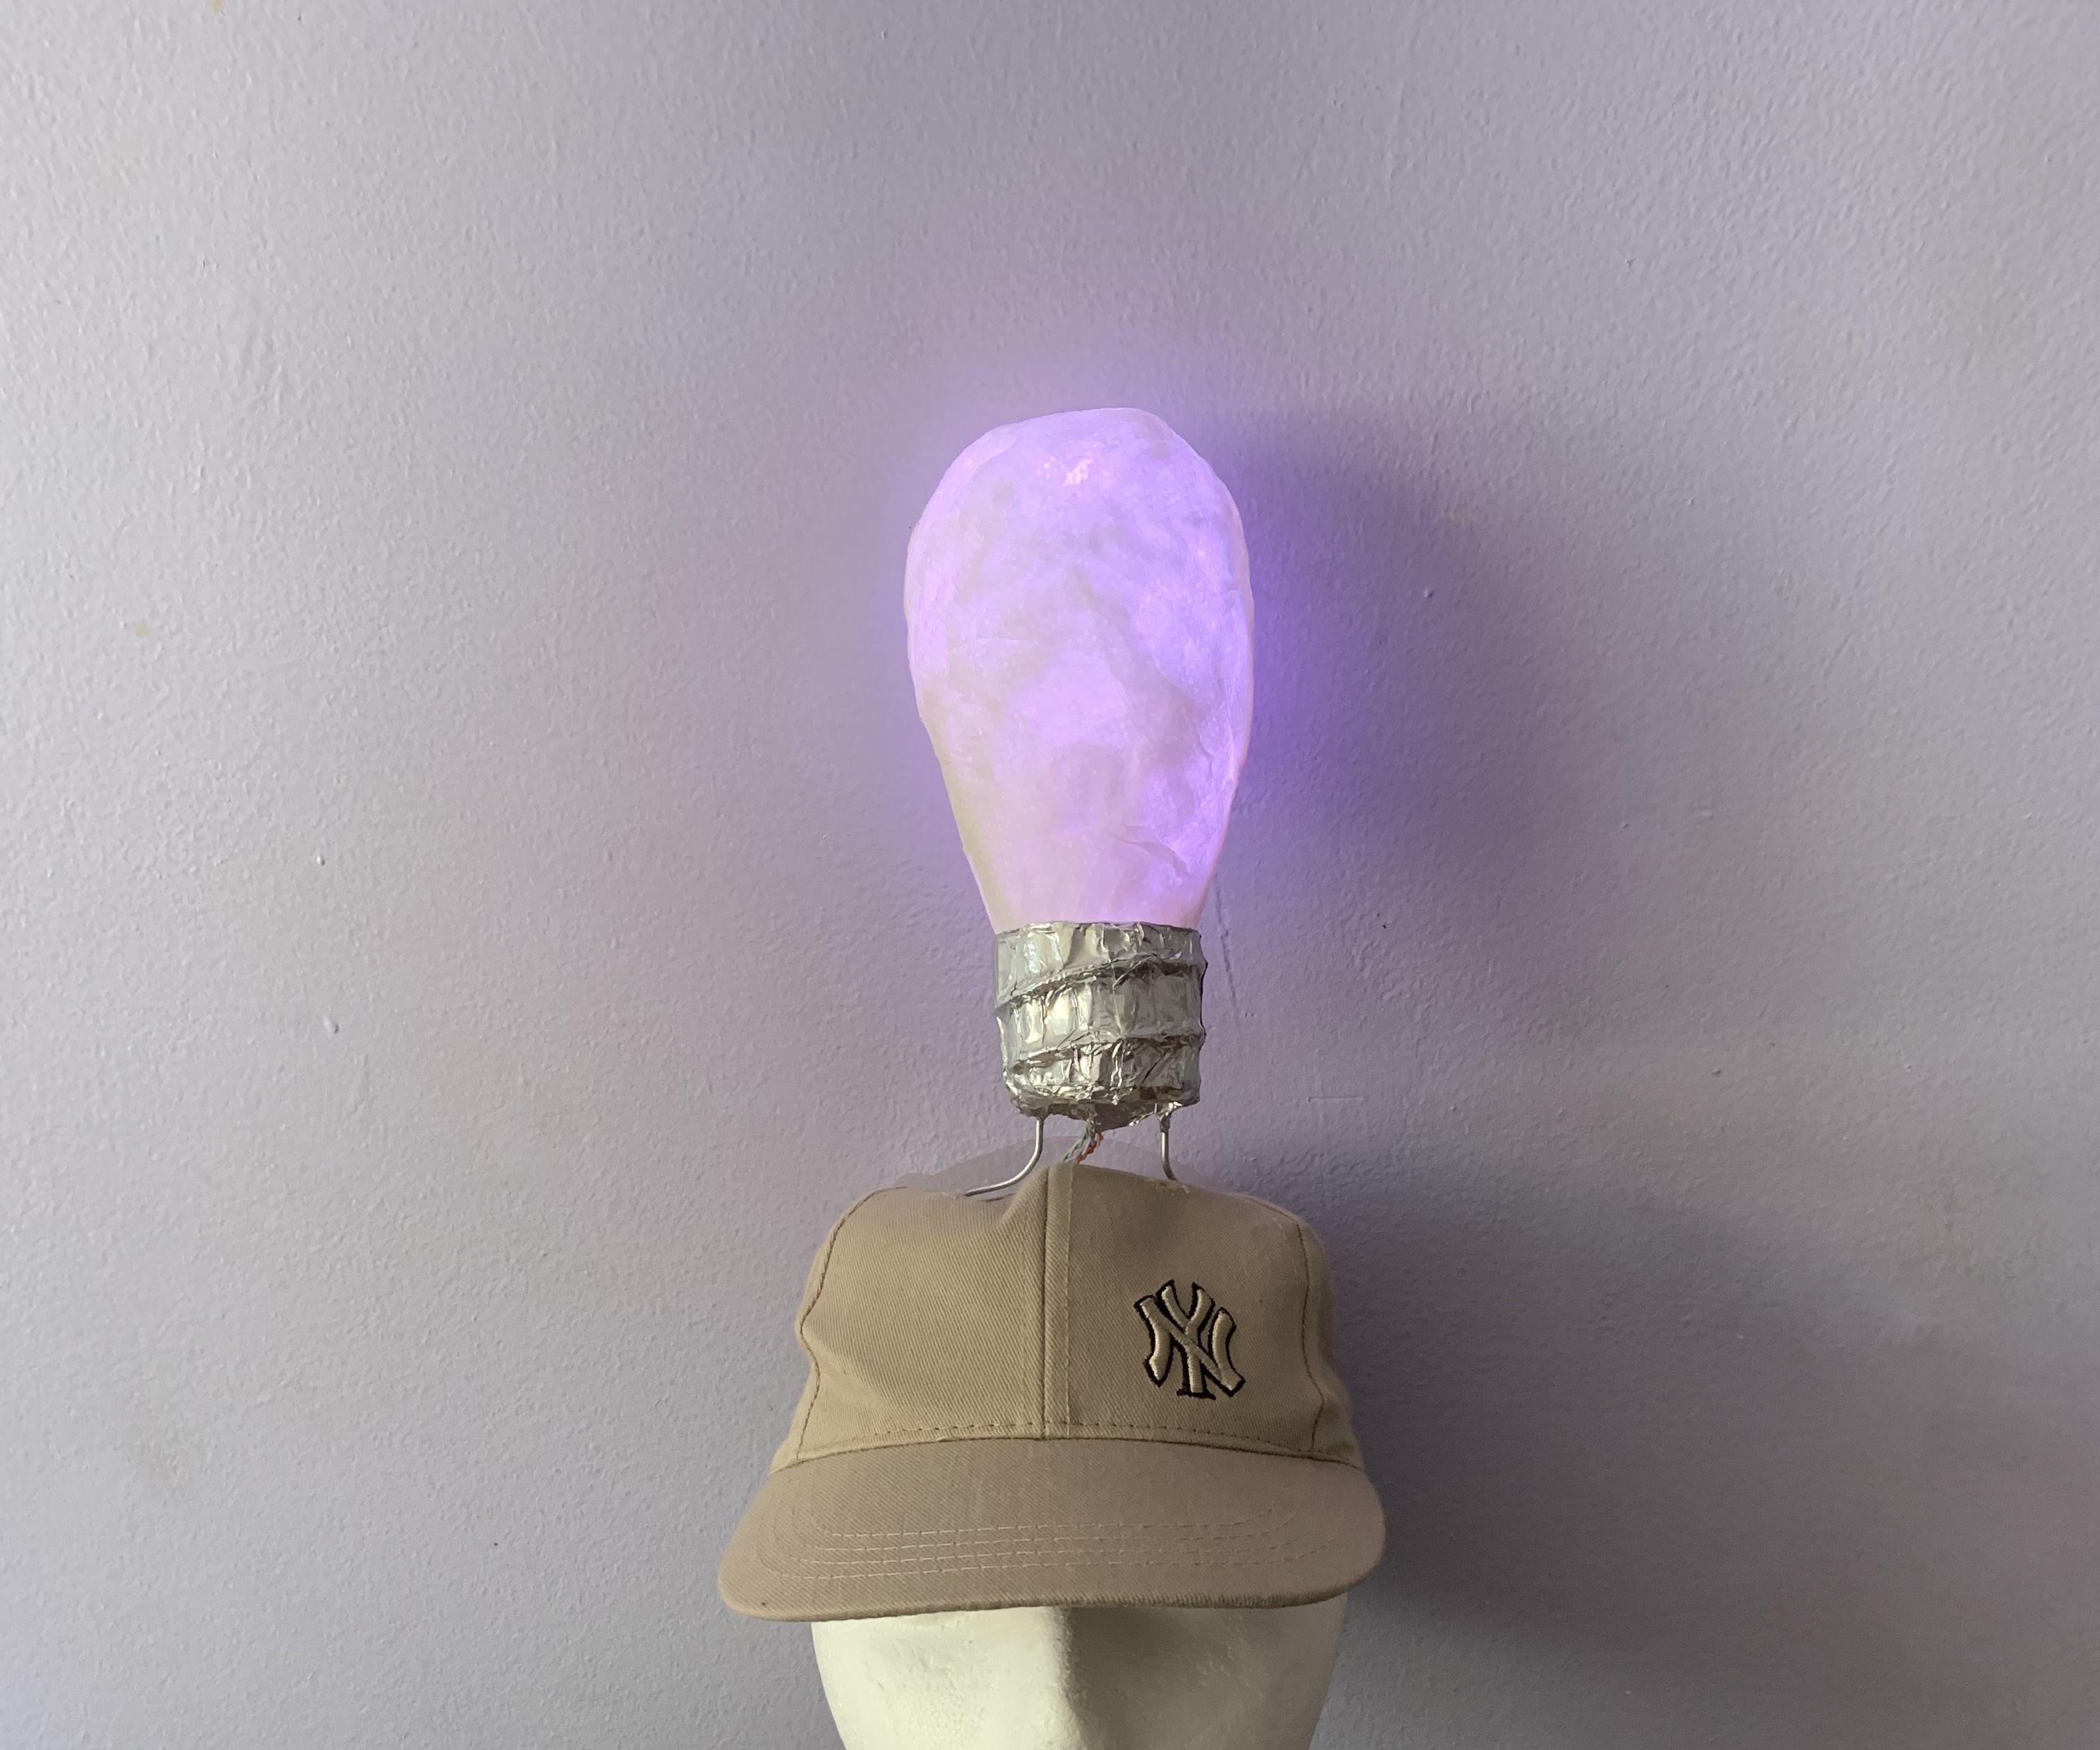 Bright Idea Light Up Lightbulb Hat